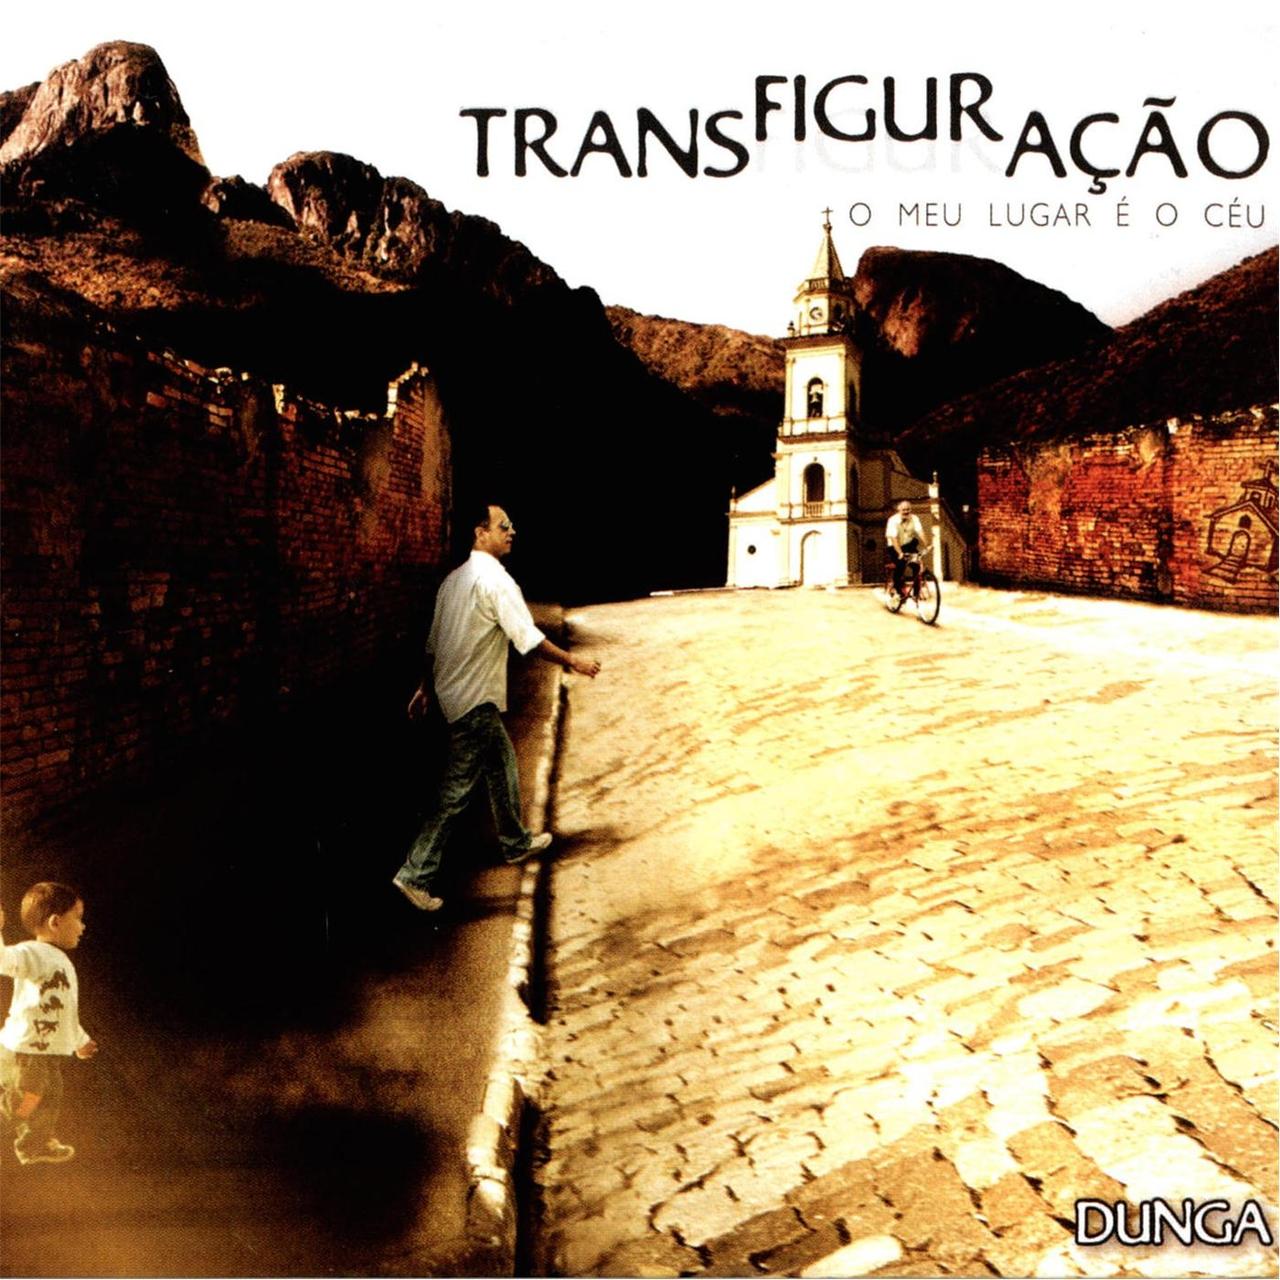 Transfiguração - Dunga